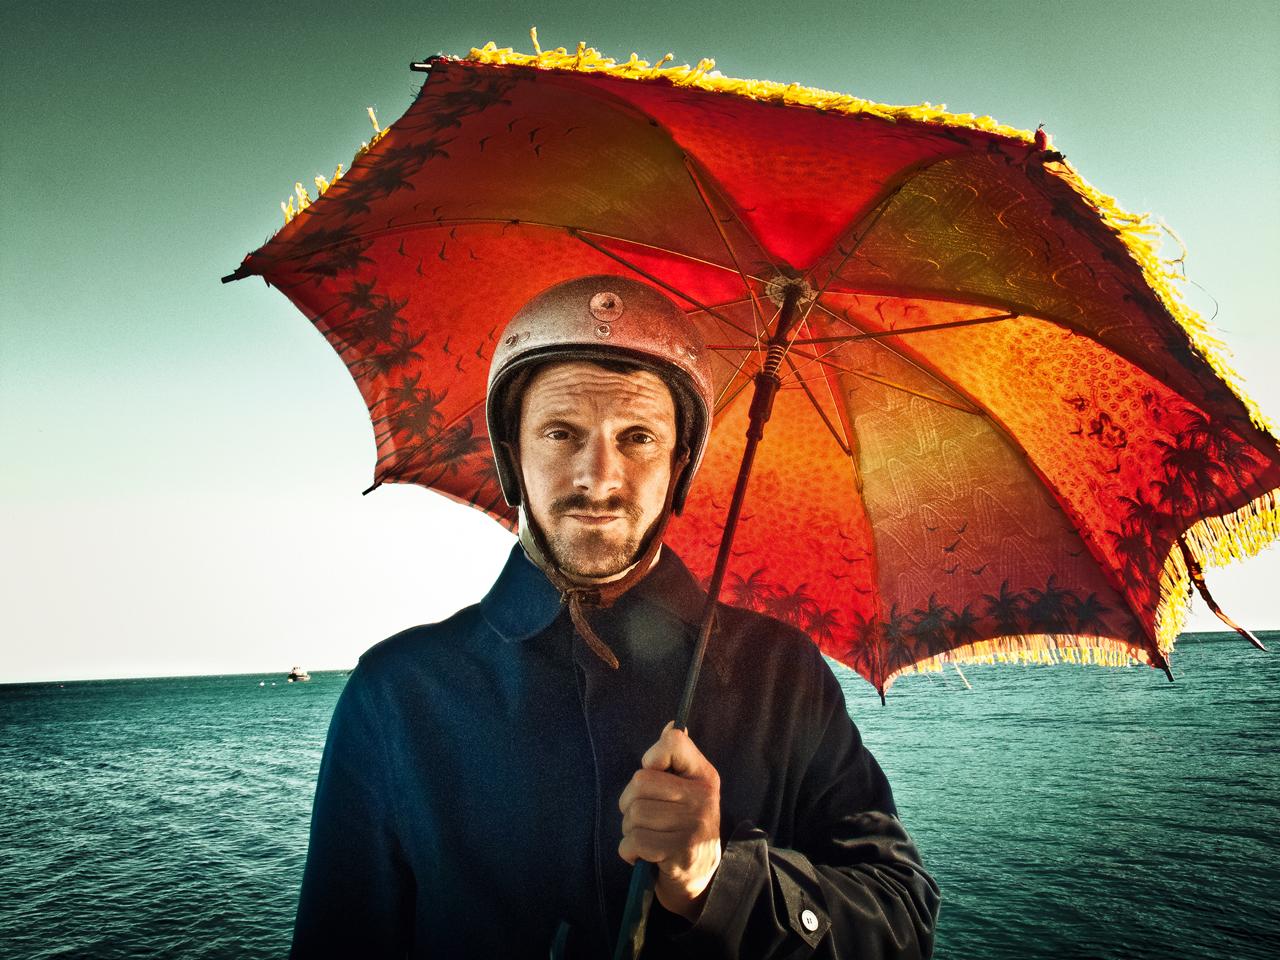 DJ Koze mit Sonnenschirm am Meer